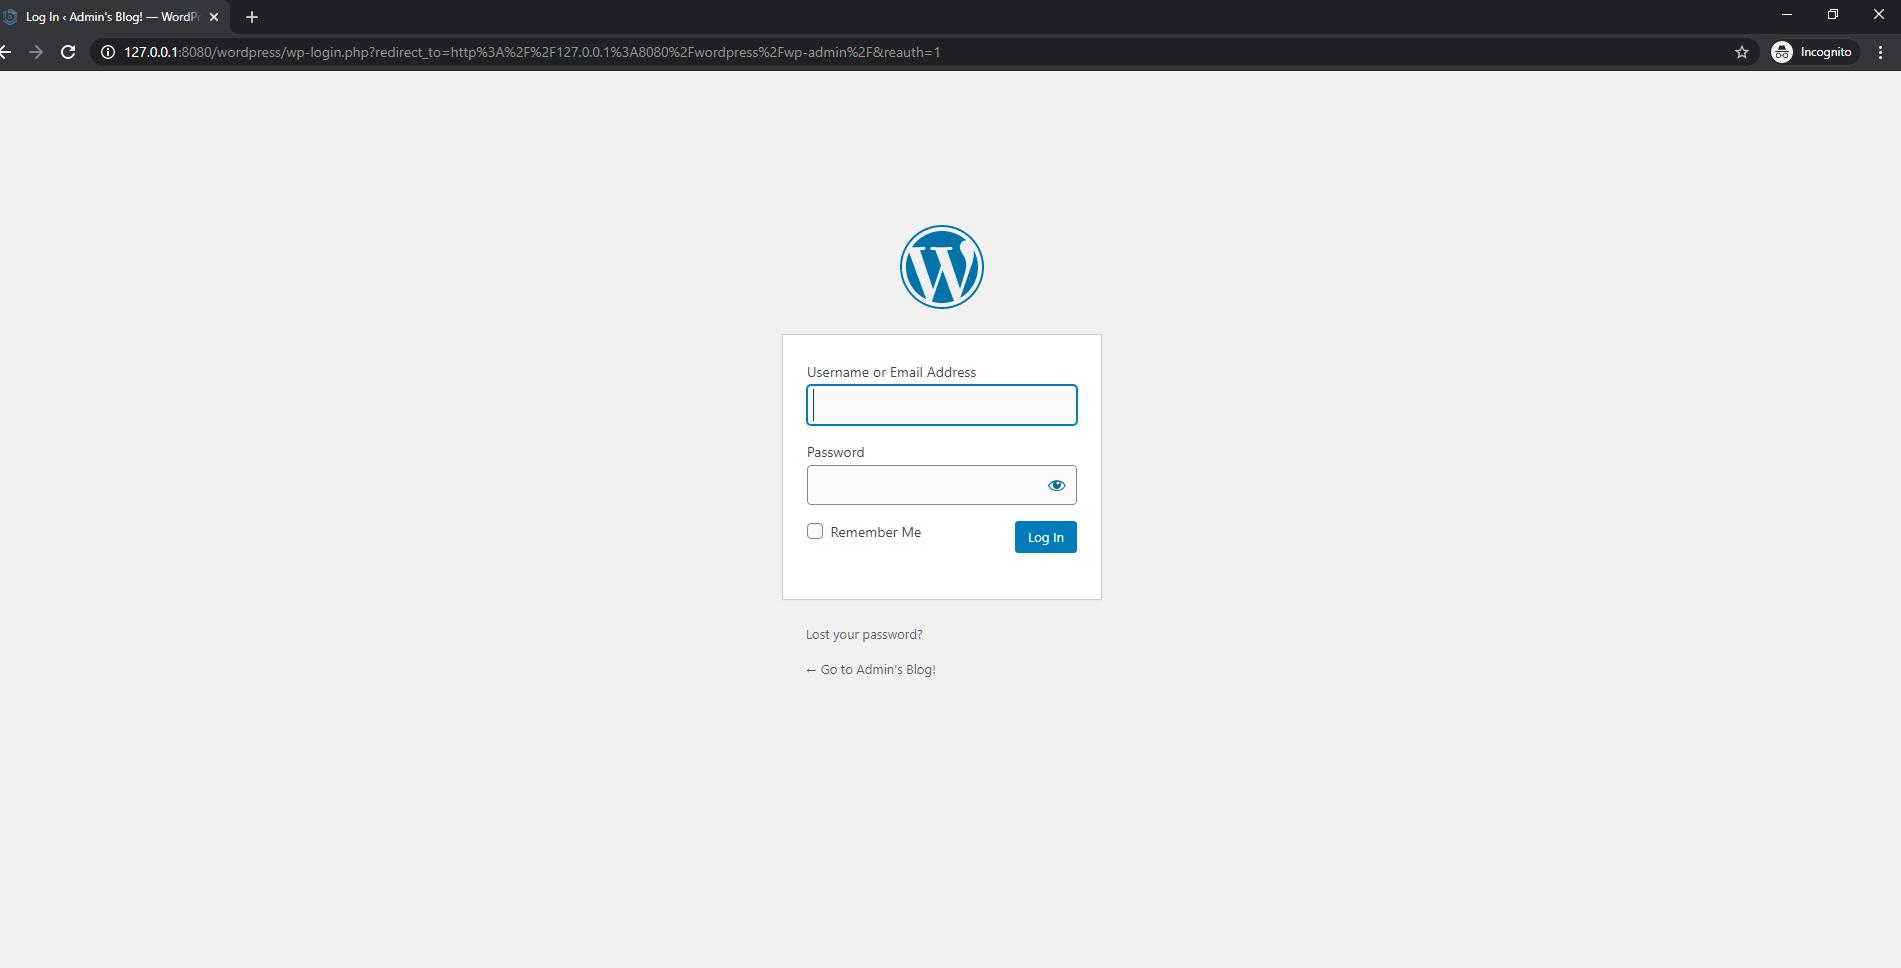 WordPress console login page